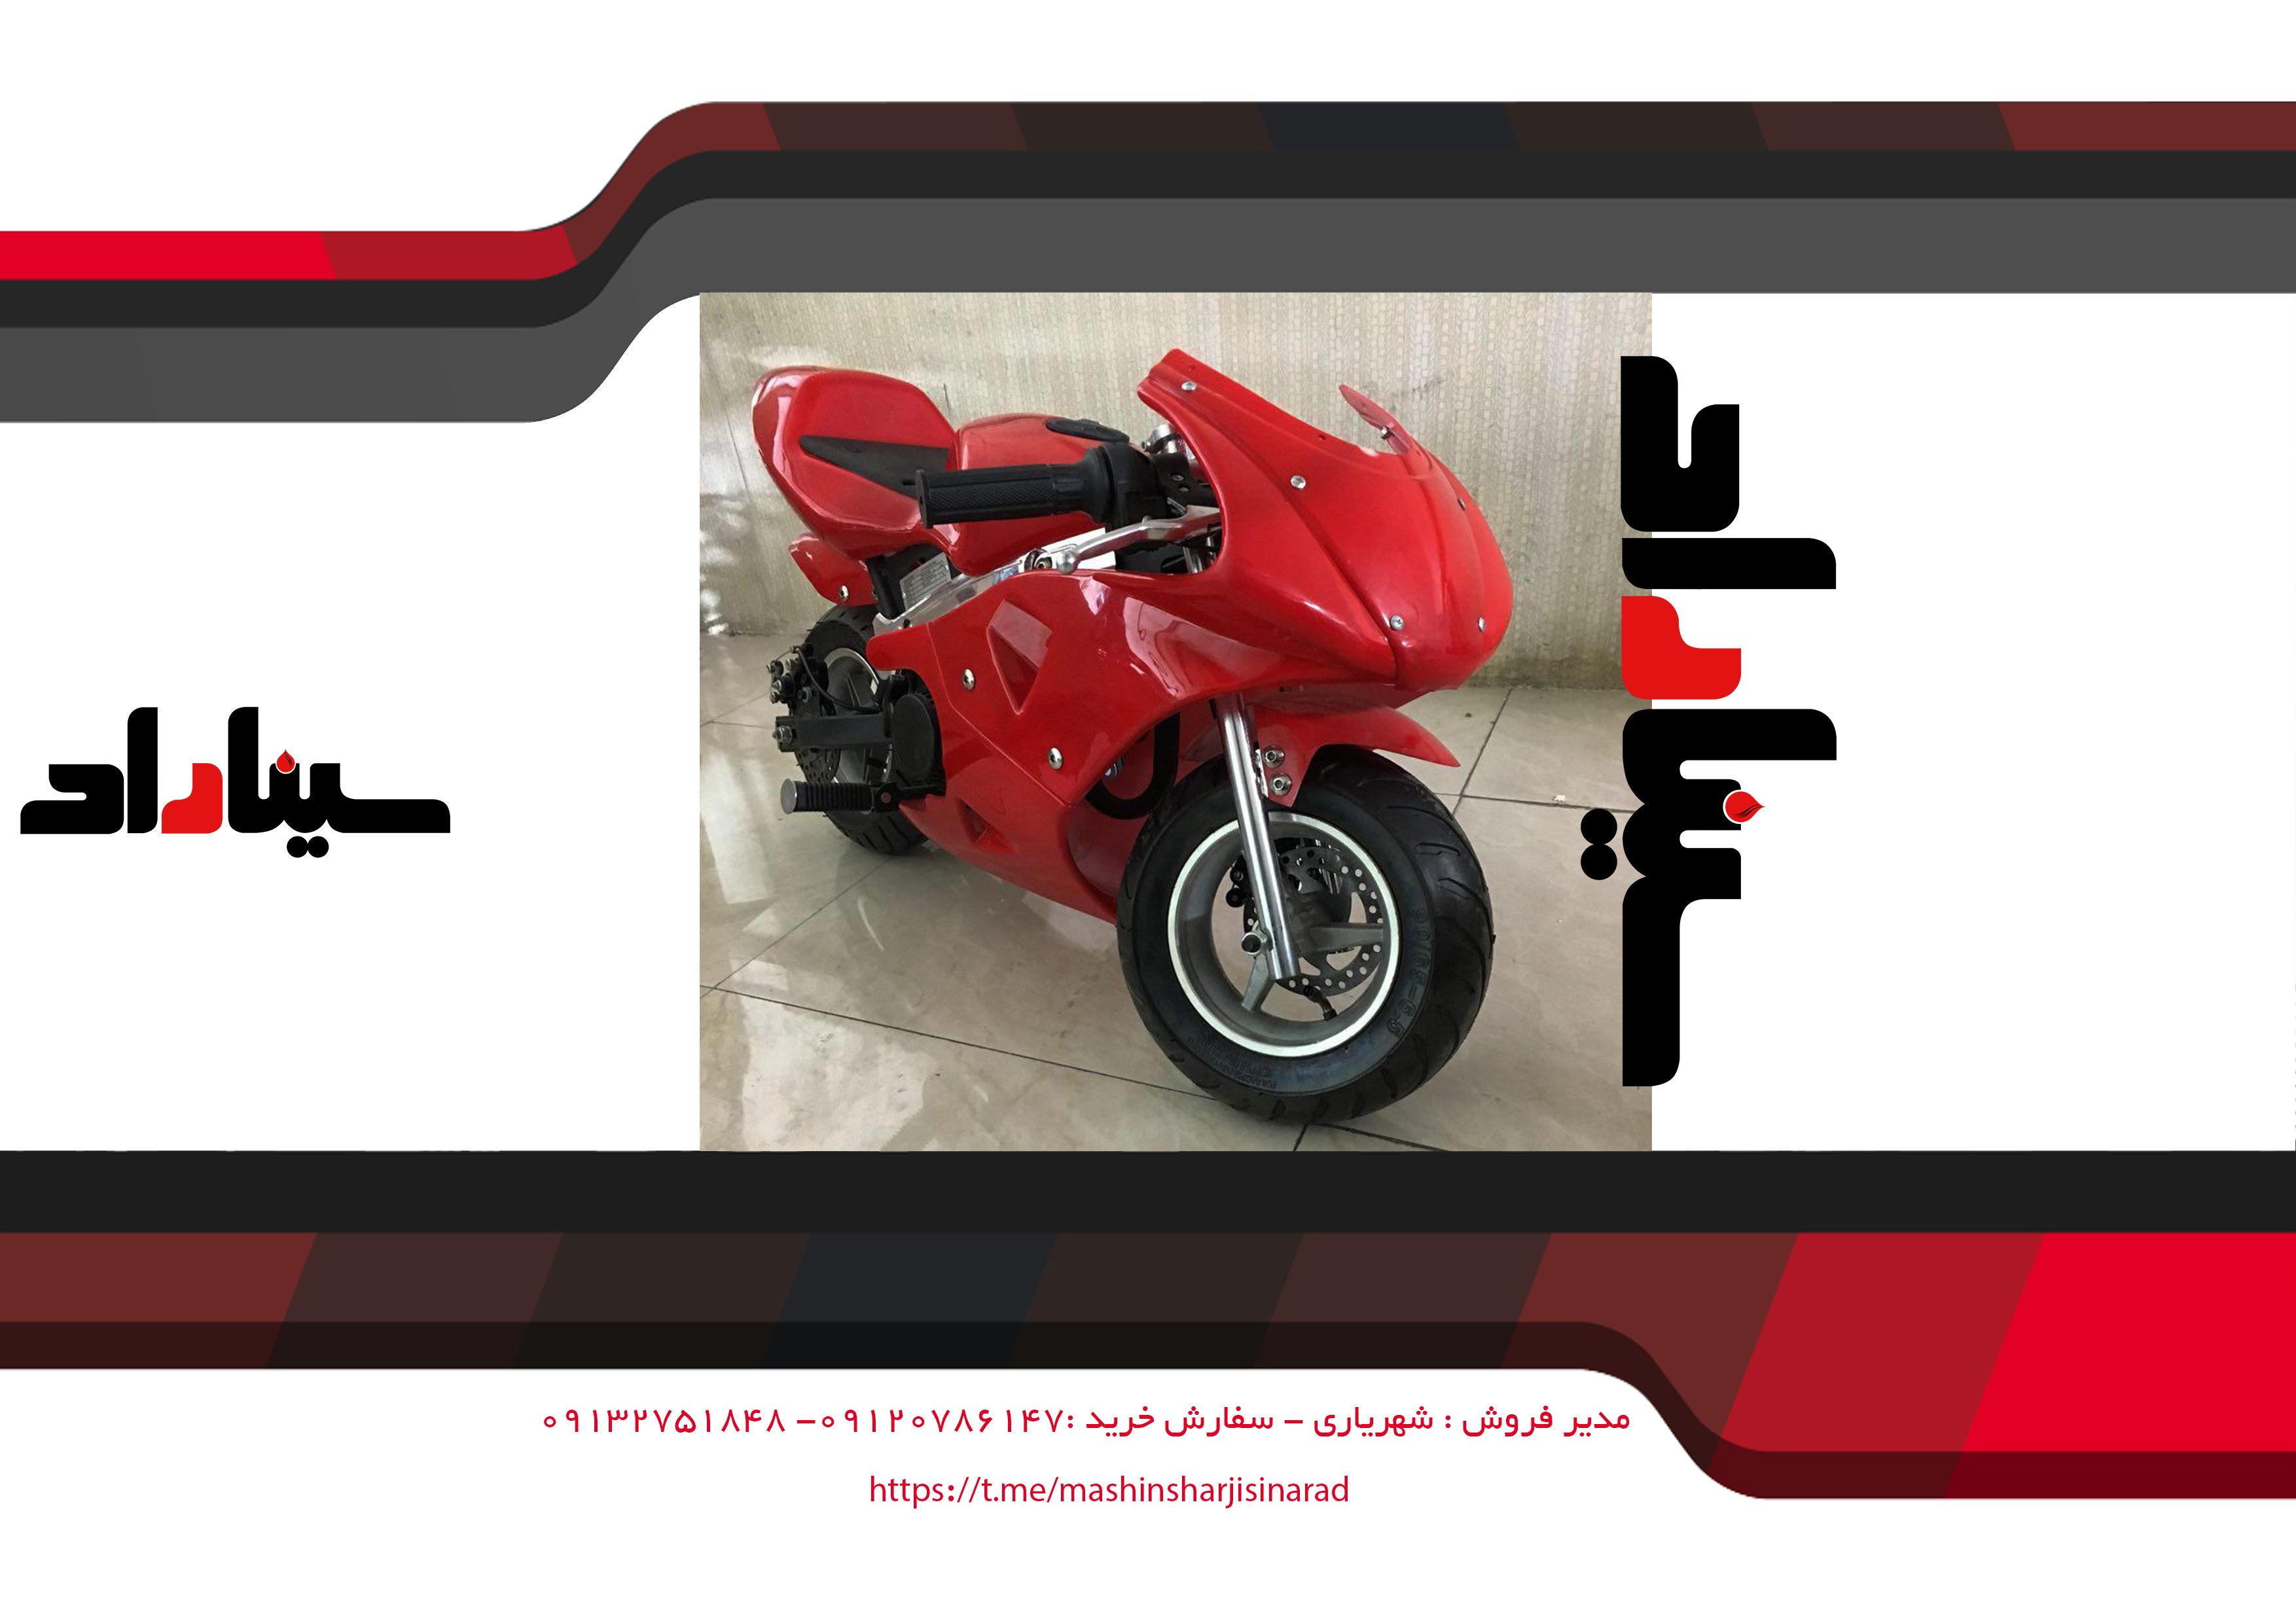 قیمت خرید جزئی موتور شارژی وسپا